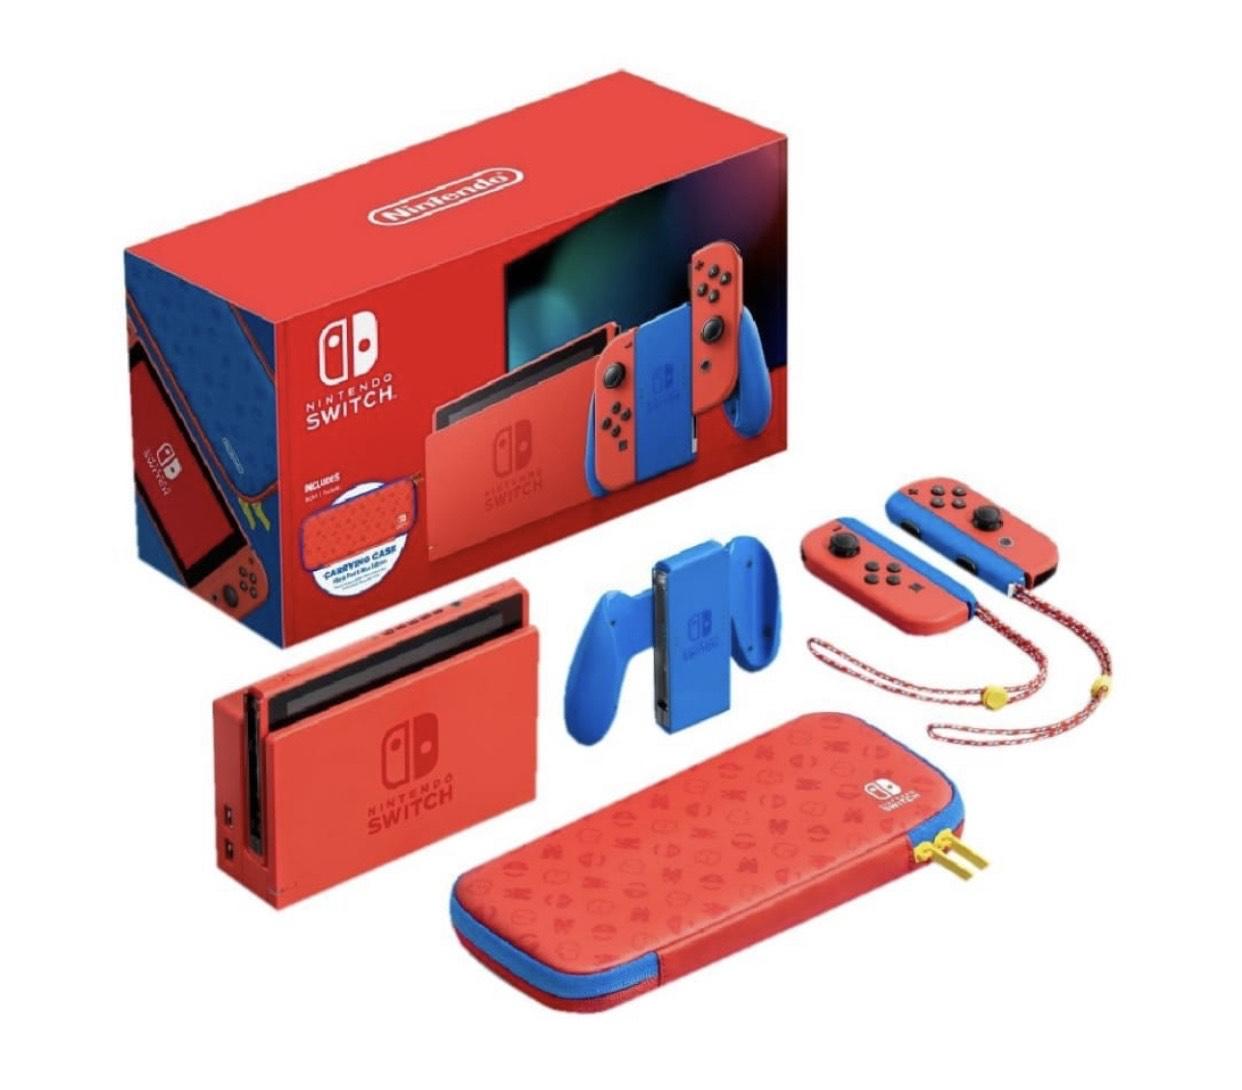 Bodega Aurrera: Nintendo Switch 1.1 EDICION MARIO BROS descuento Banamex $8,500